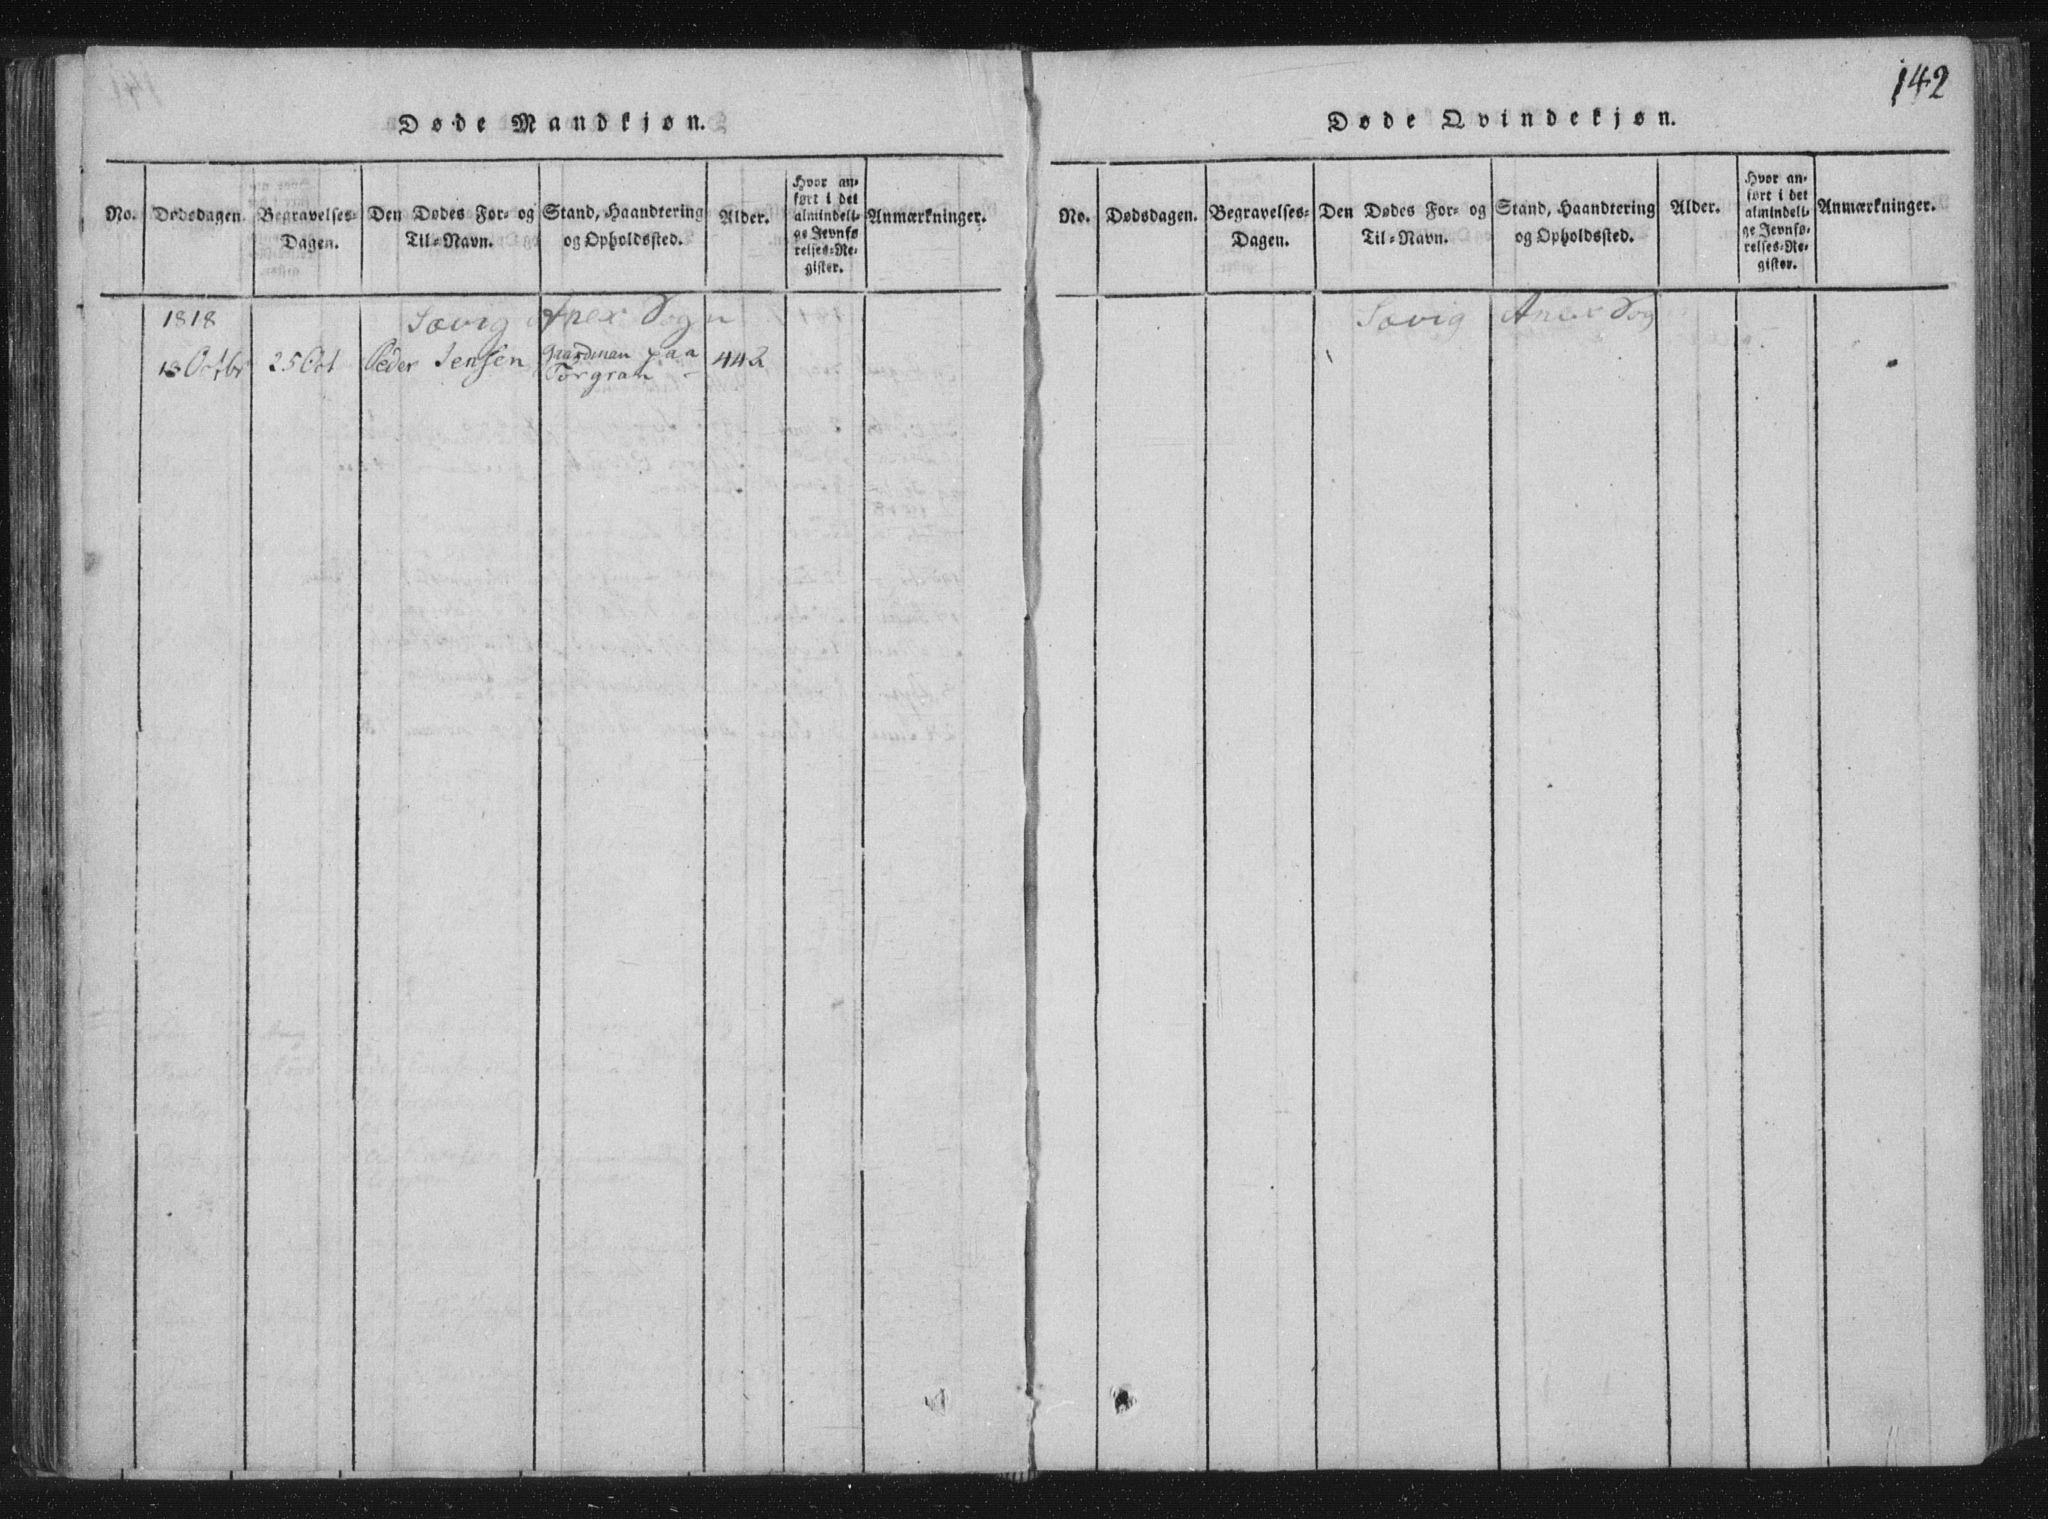 SAT, Ministerialprotokoller, klokkerbøker og fødselsregistre - Nord-Trøndelag, 773/L0609: Ministerialbok nr. 773A03 /4, 1815-1818, s. 142